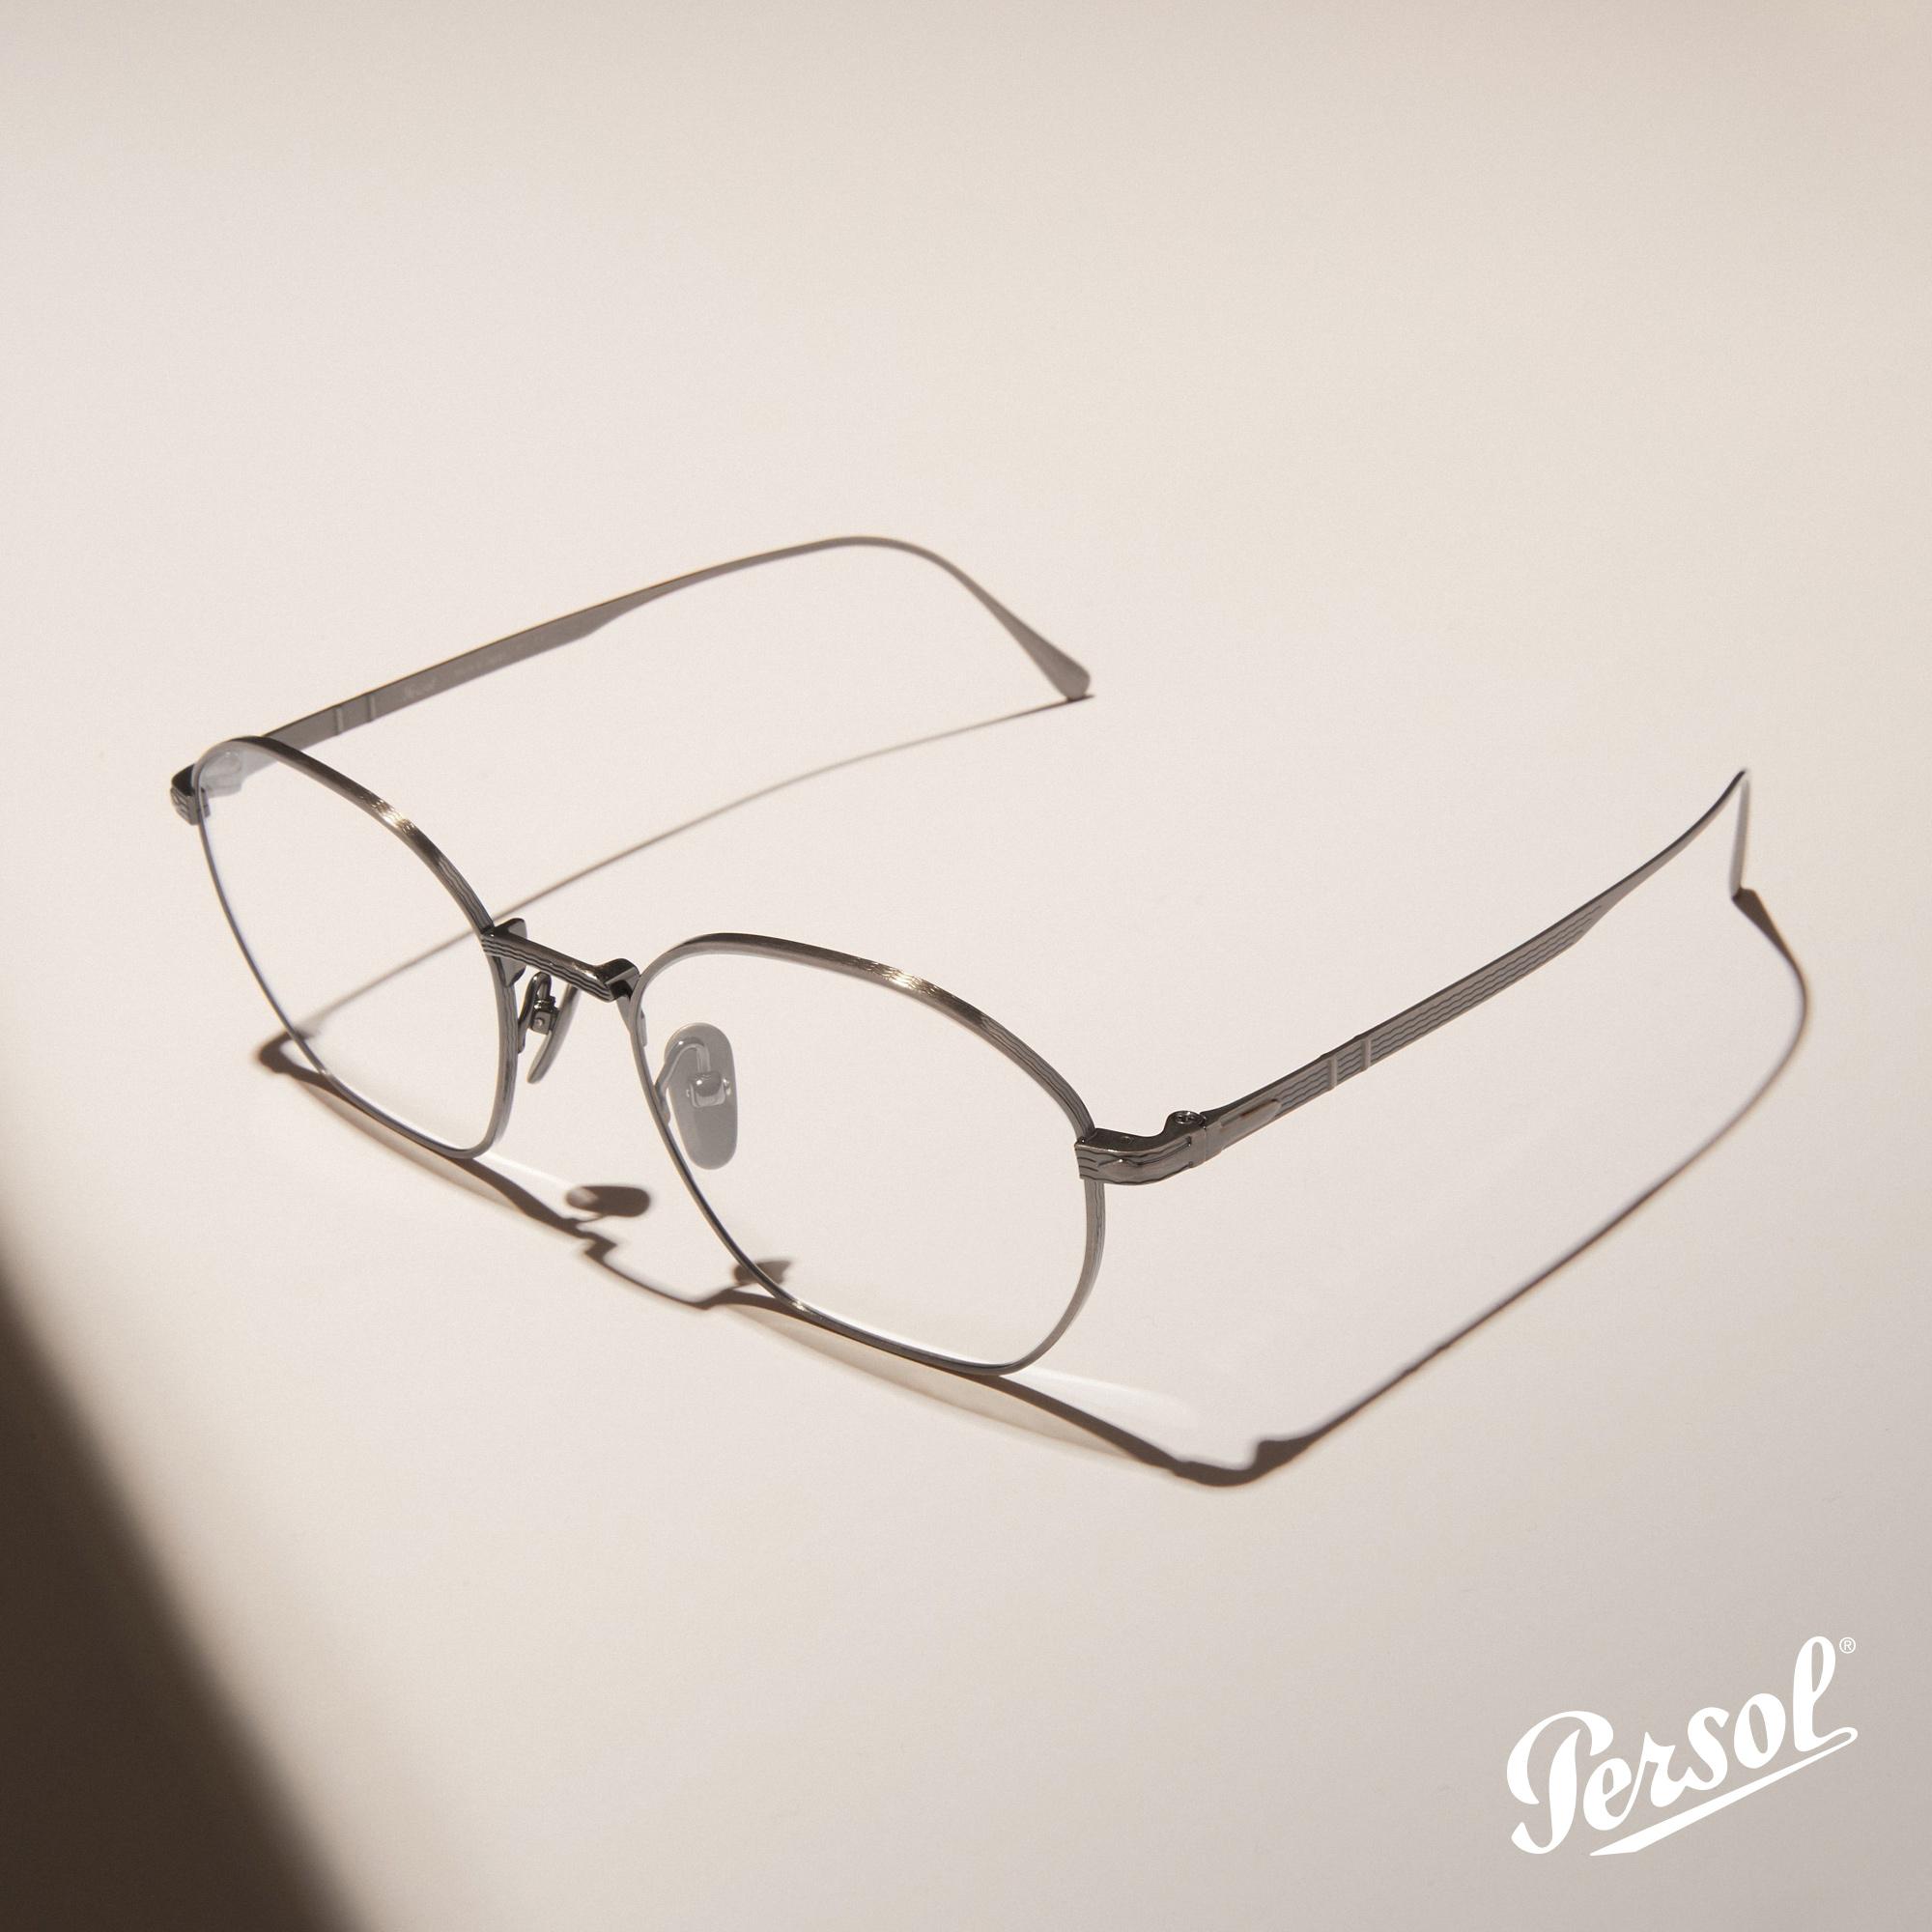 Persol -Óculo de Sol Silver- Pitosga Óptica